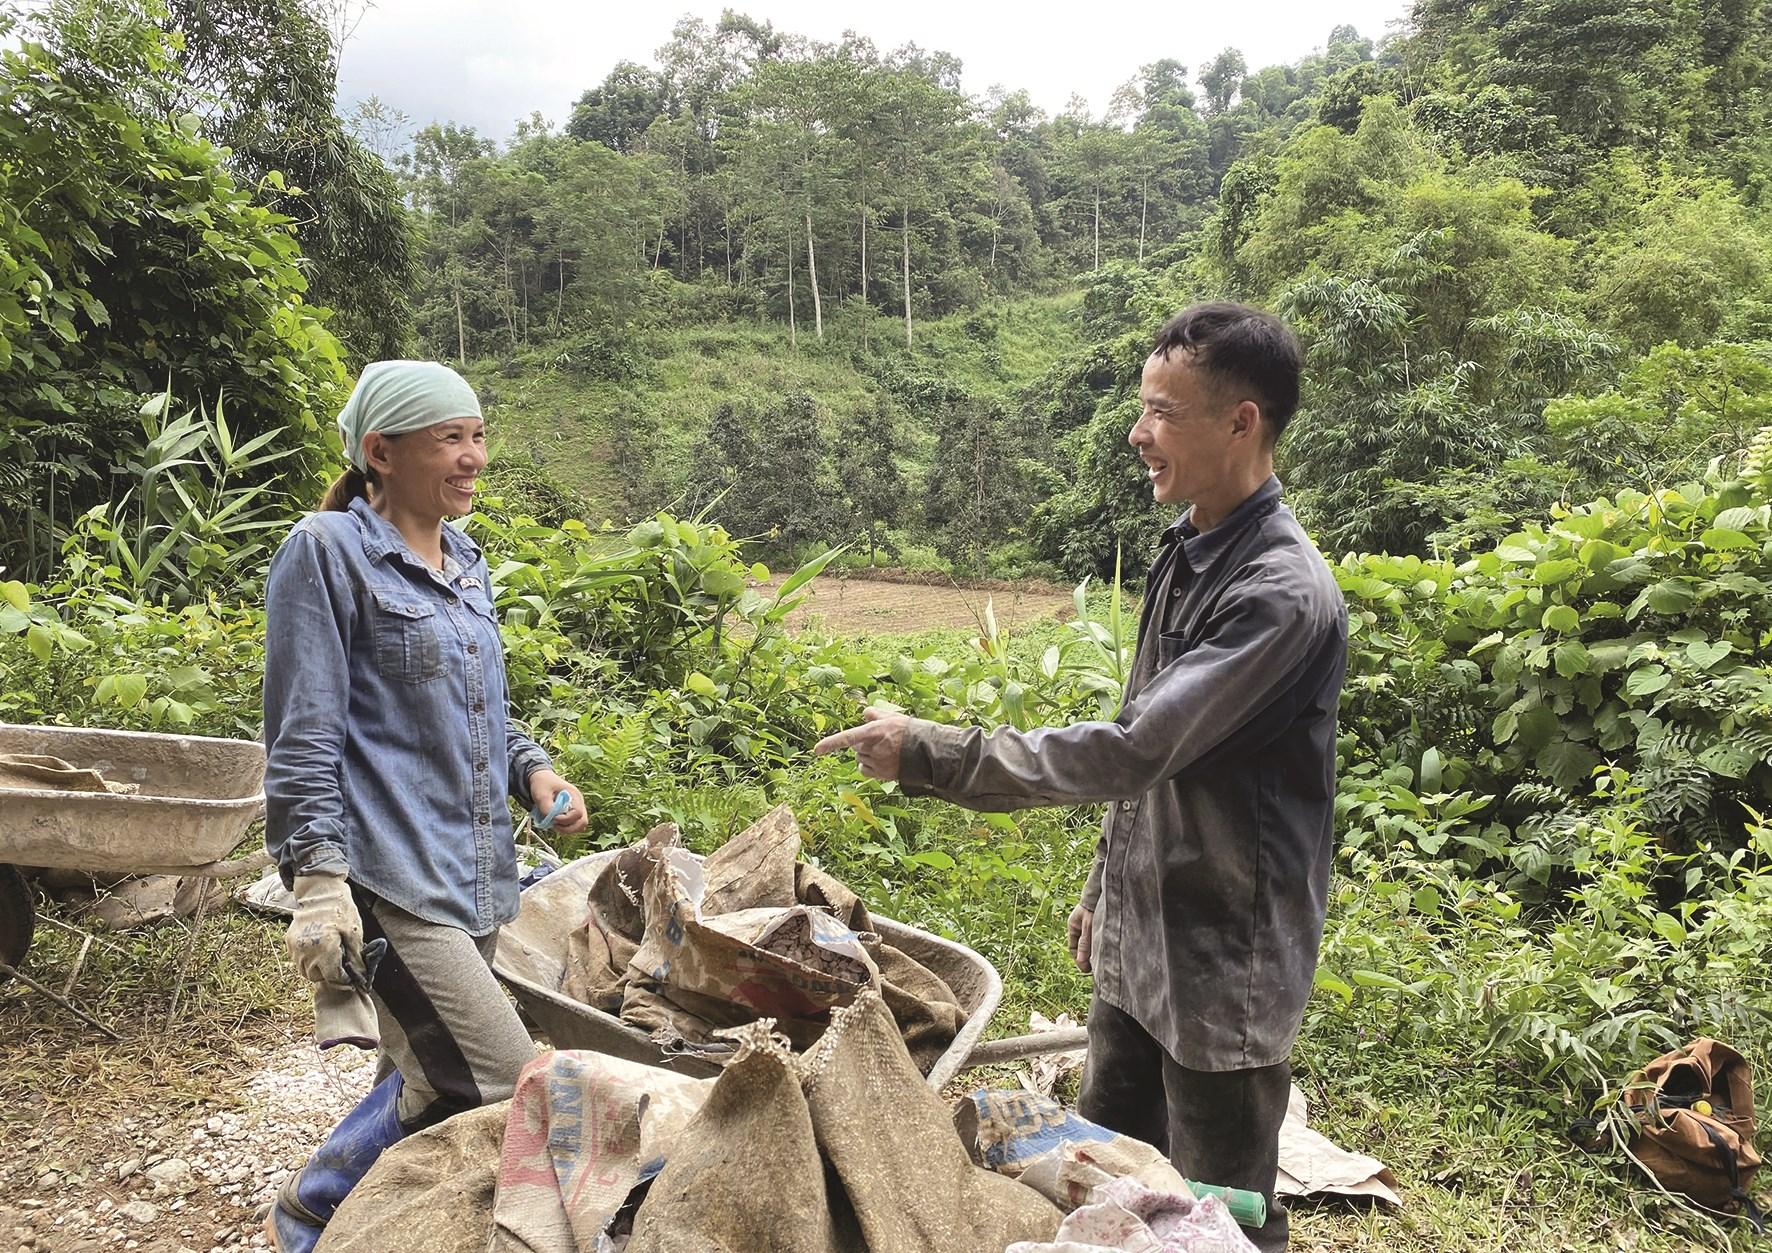 Anh Triệu Đức Ngân thường xuyên gặp gỡ, trao đổi, động viên người dân trong xóm phát triển kinh tế, vươn lên xóa đói, giảm nghèo.